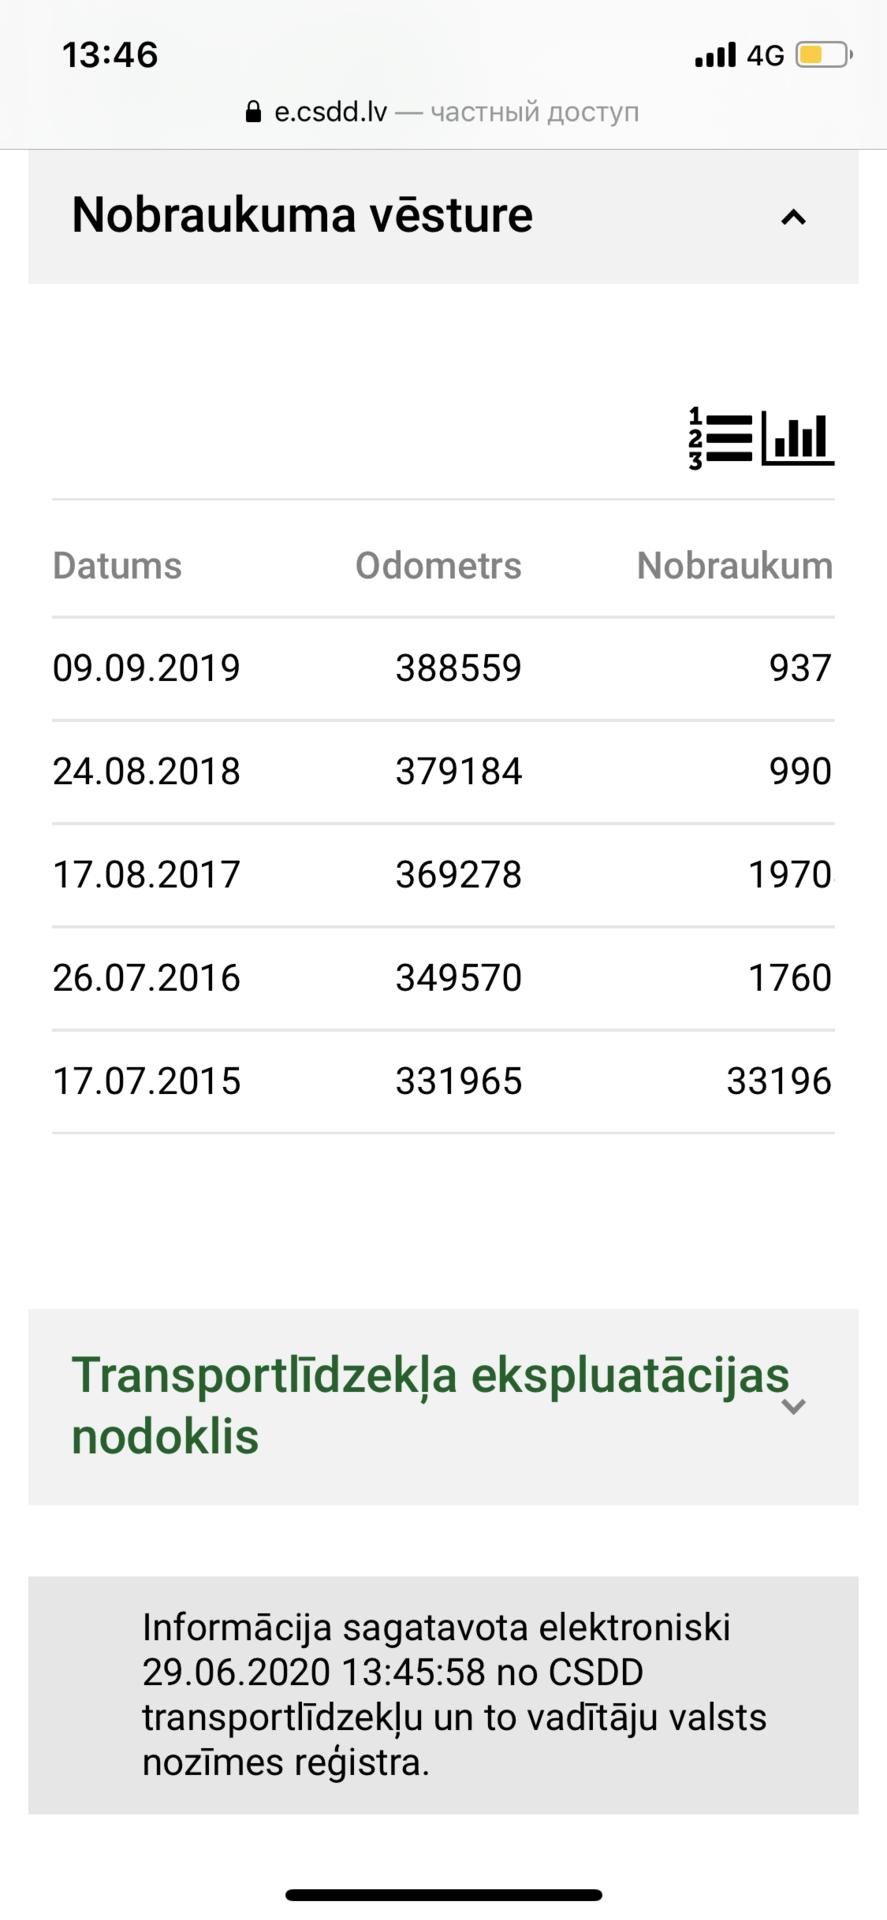 8A06B12D-CFE2-4487-BB89-B1C79730B021.png